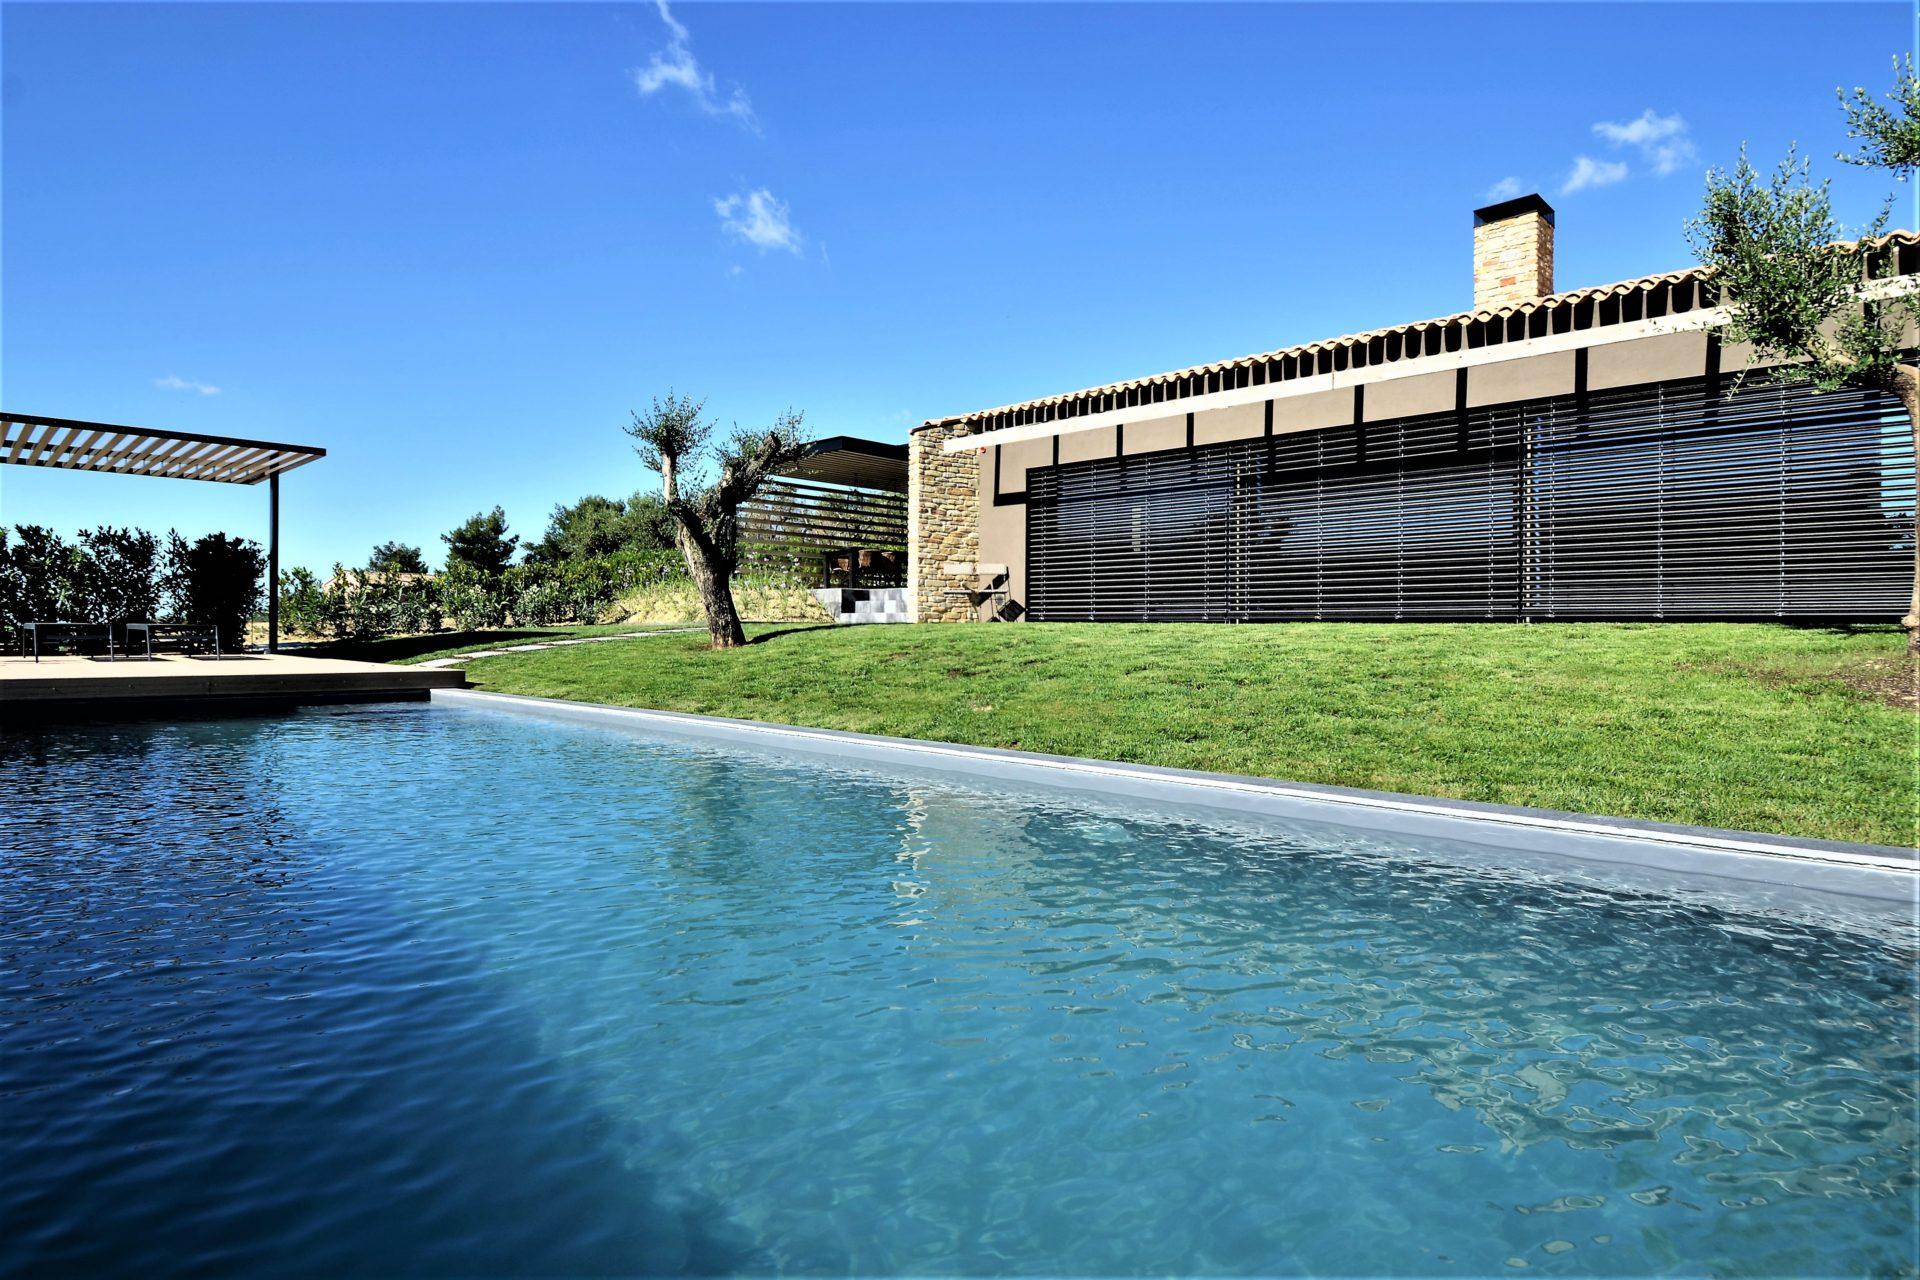 casa HR. Veduta dalla zona piscina. Sulla sinistra il telaio metallico: una cornice sul paesaggio della campagna marchigiana